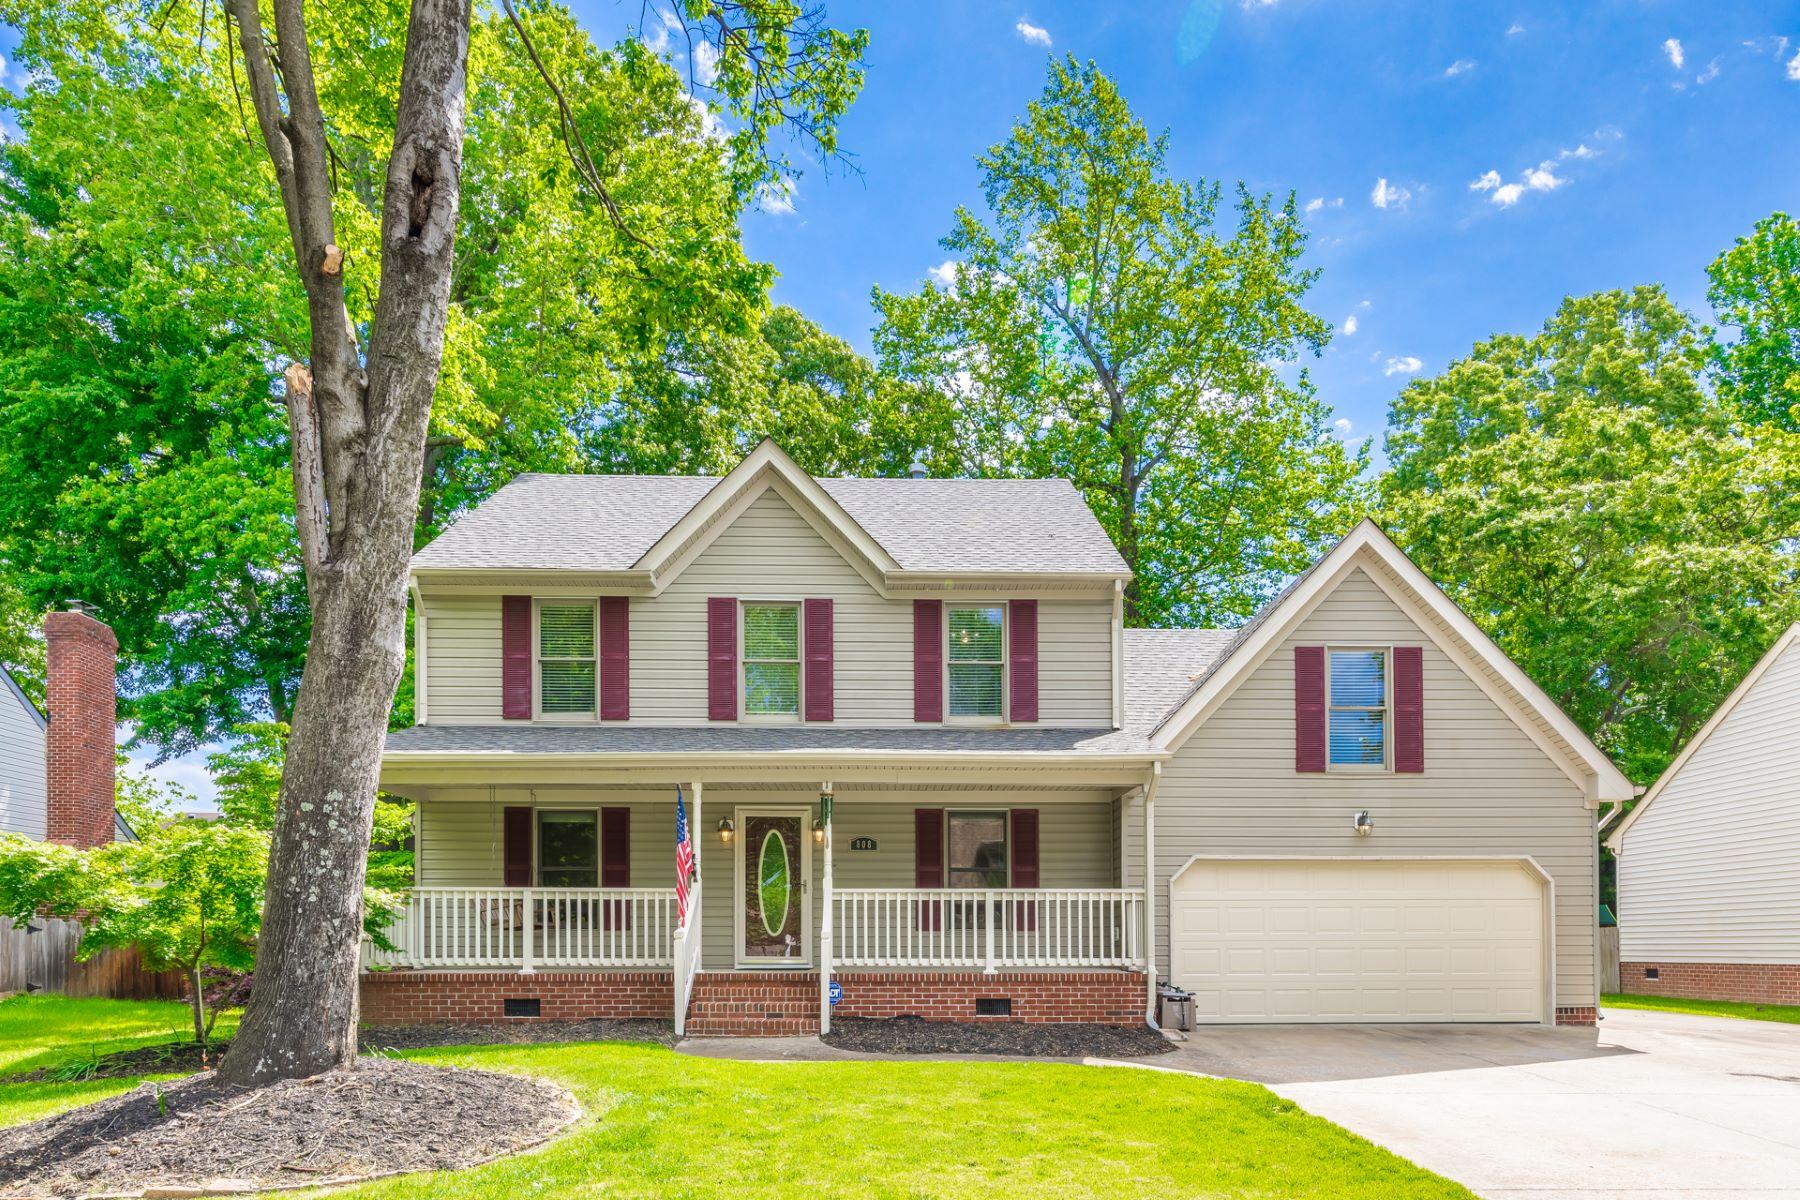 Single Family Homes için Satış at 808 Beckley Lane, Chesapeake Chesapeake, Virginia 23322 Amerika Birleşik Devletleri